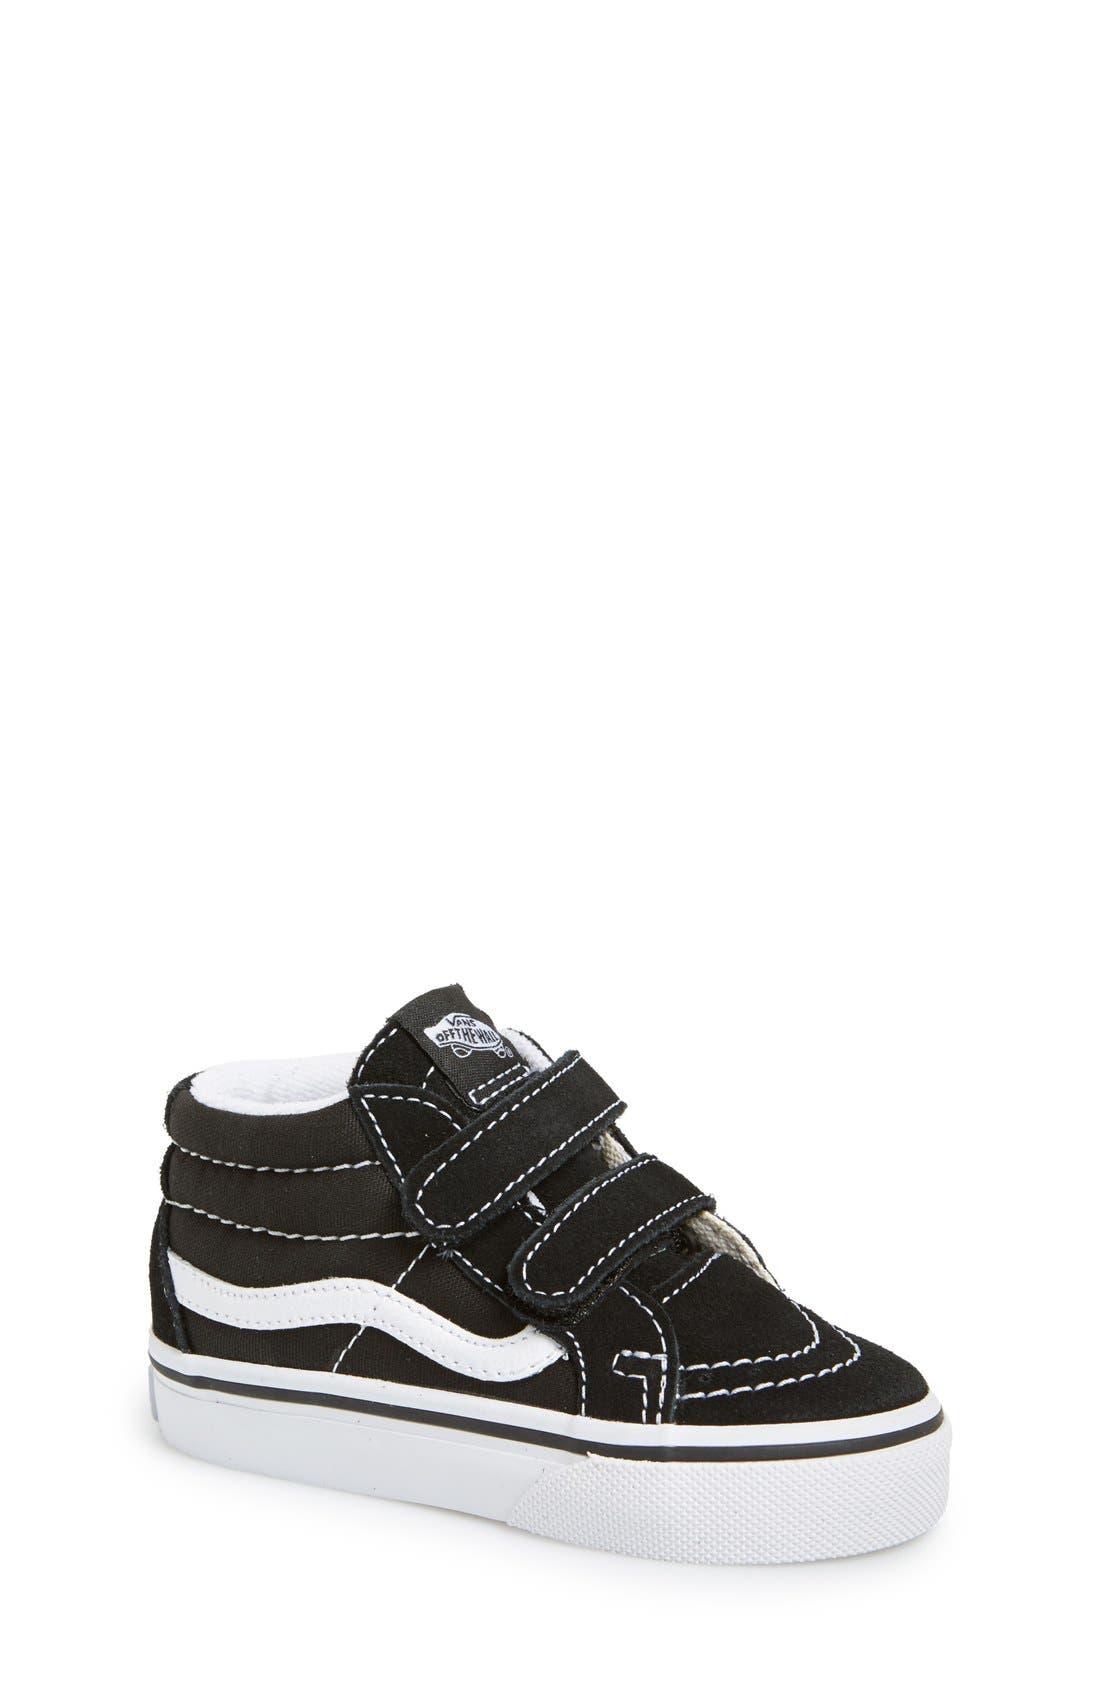 'Sk8-Mid Reissue' Sneaker,                             Main thumbnail 1, color,                             BLACK/ TRUE WHITE